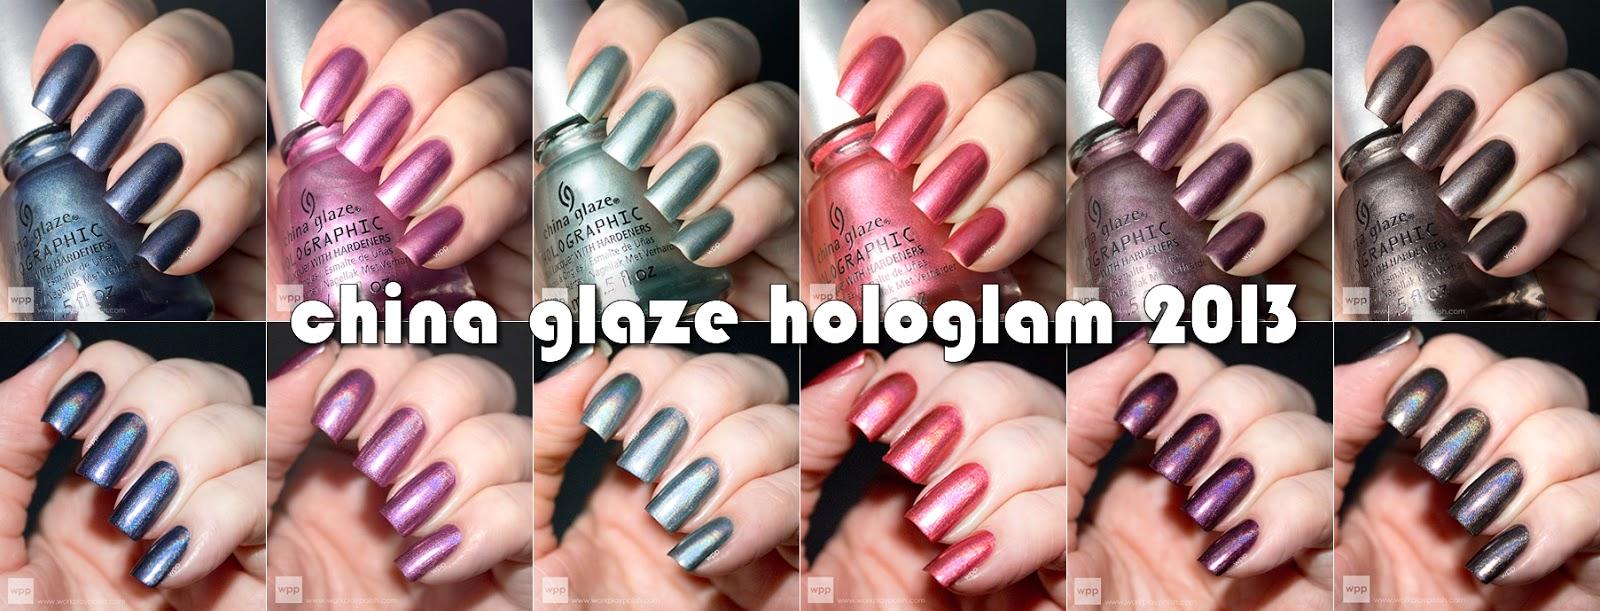 China Glaze Hologlam 2013